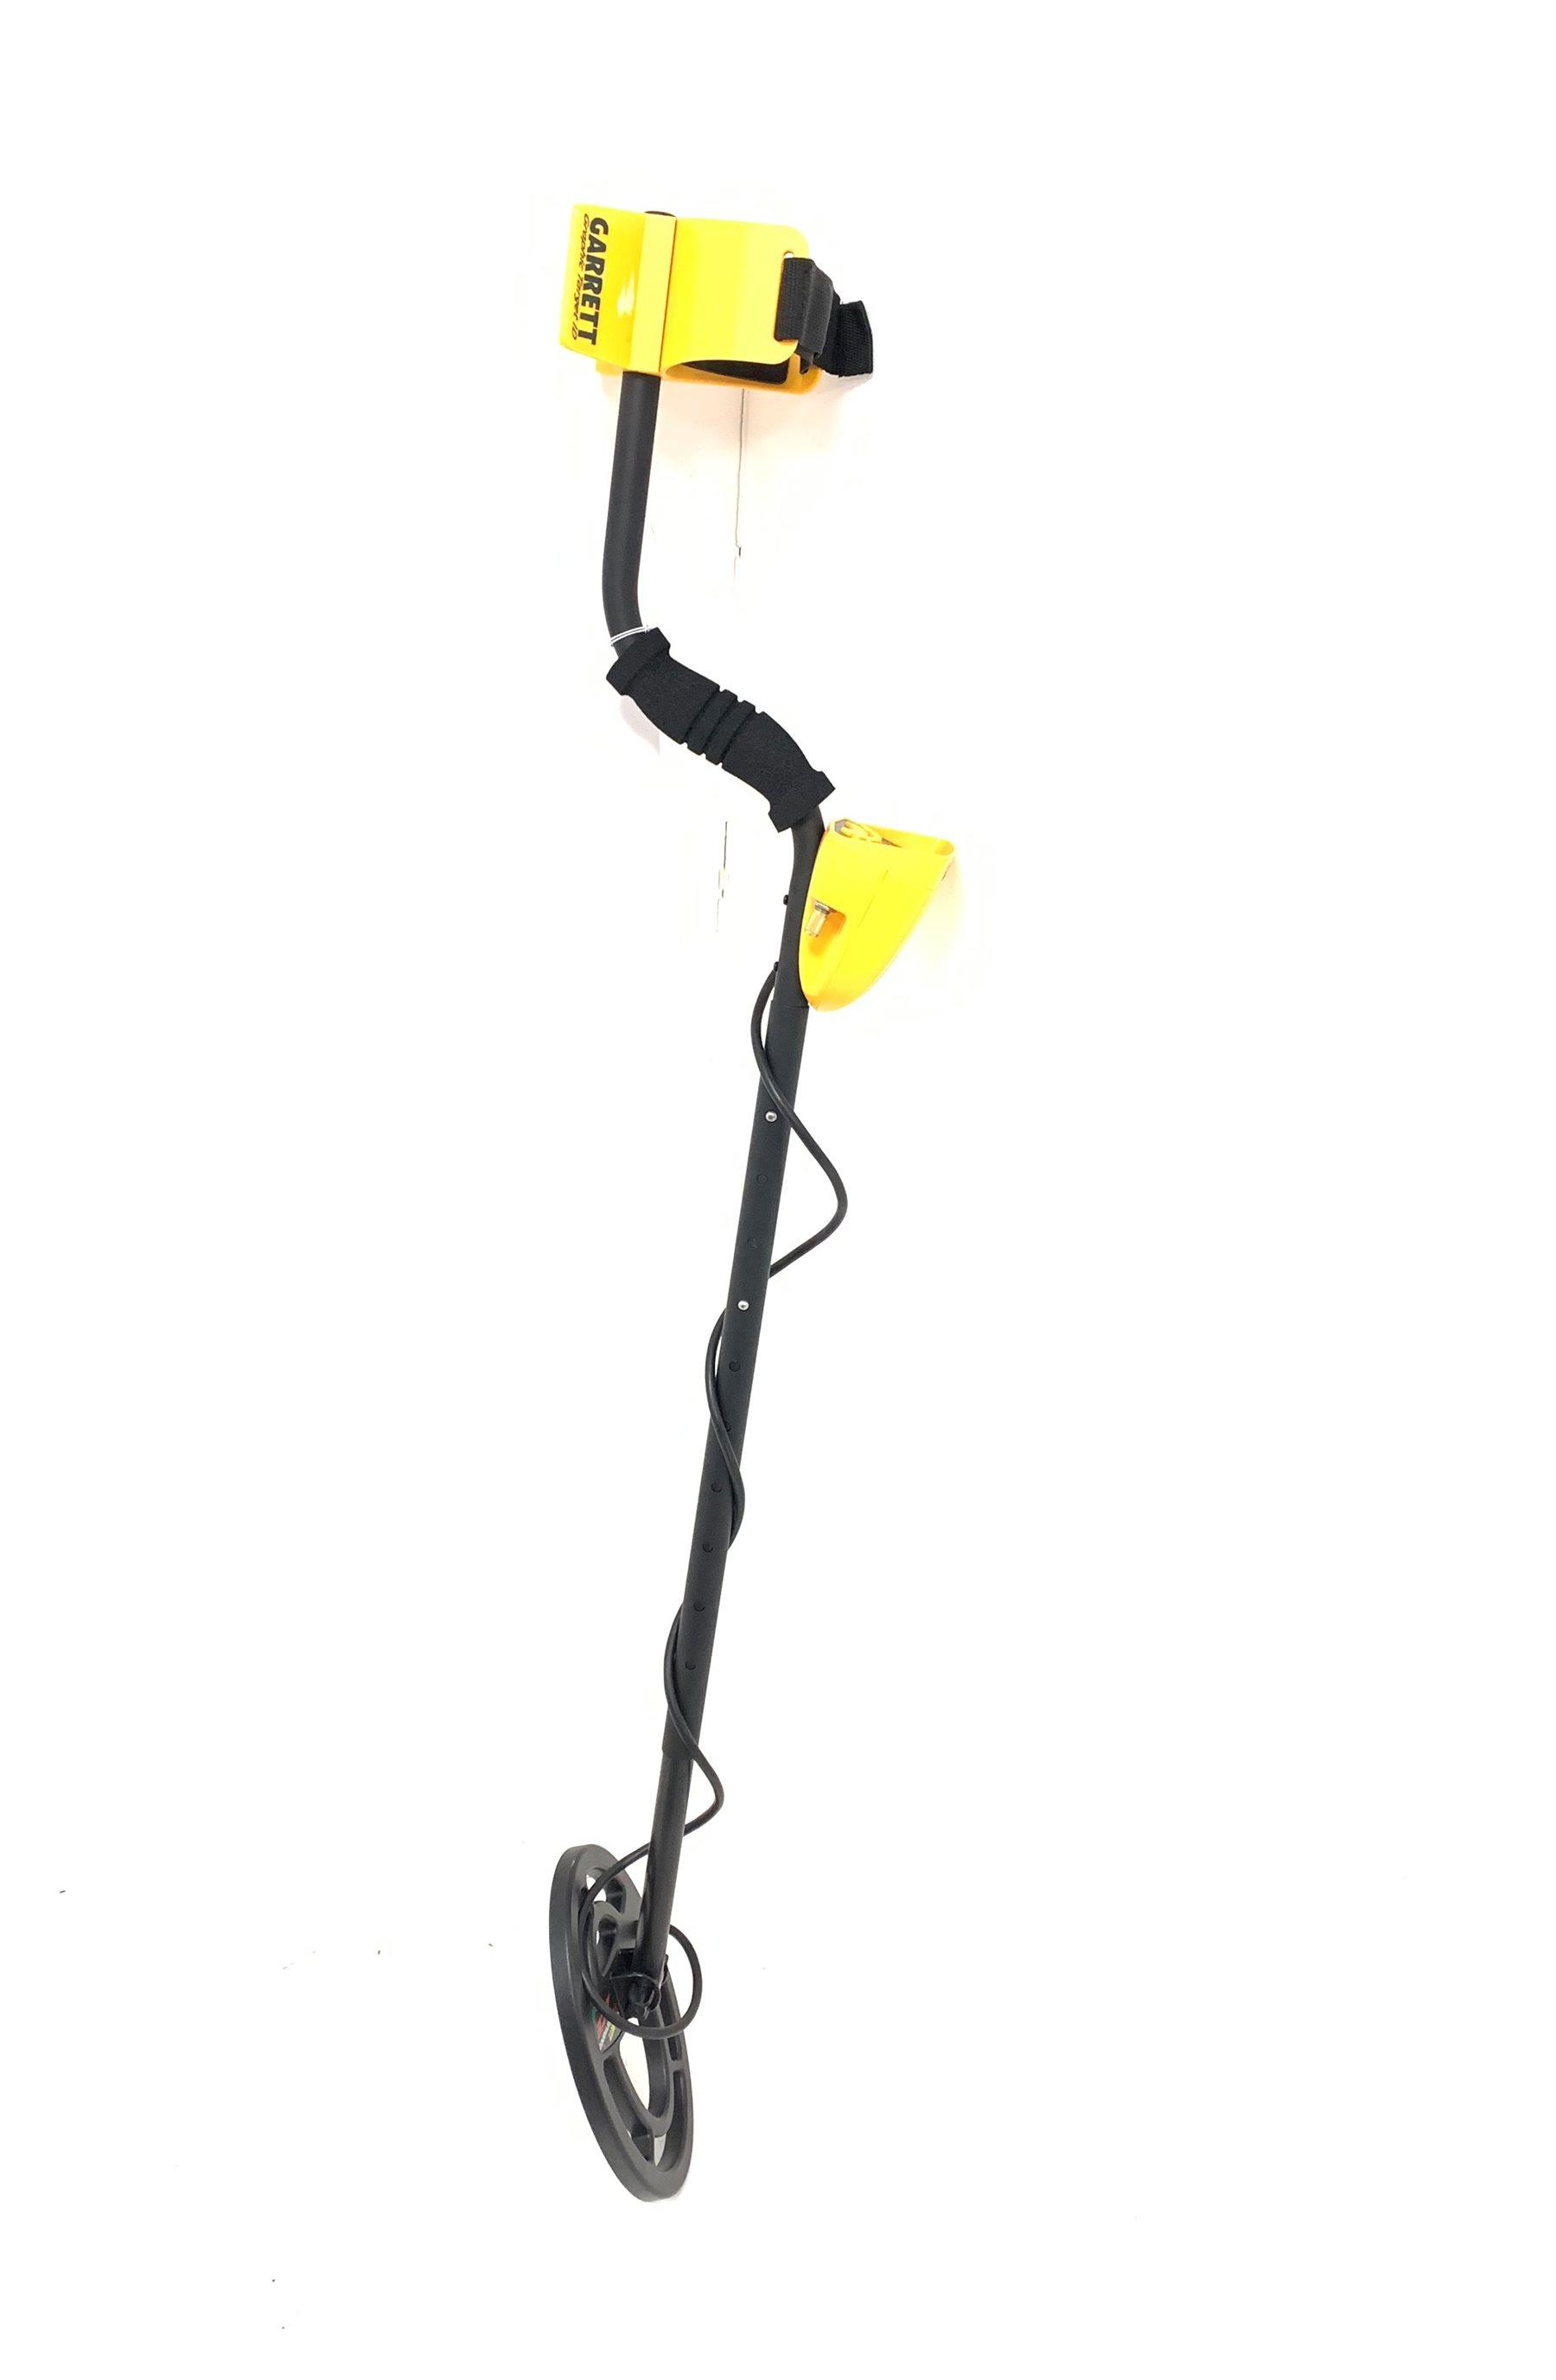 Garrett Ace 250 metal detector, H117cm